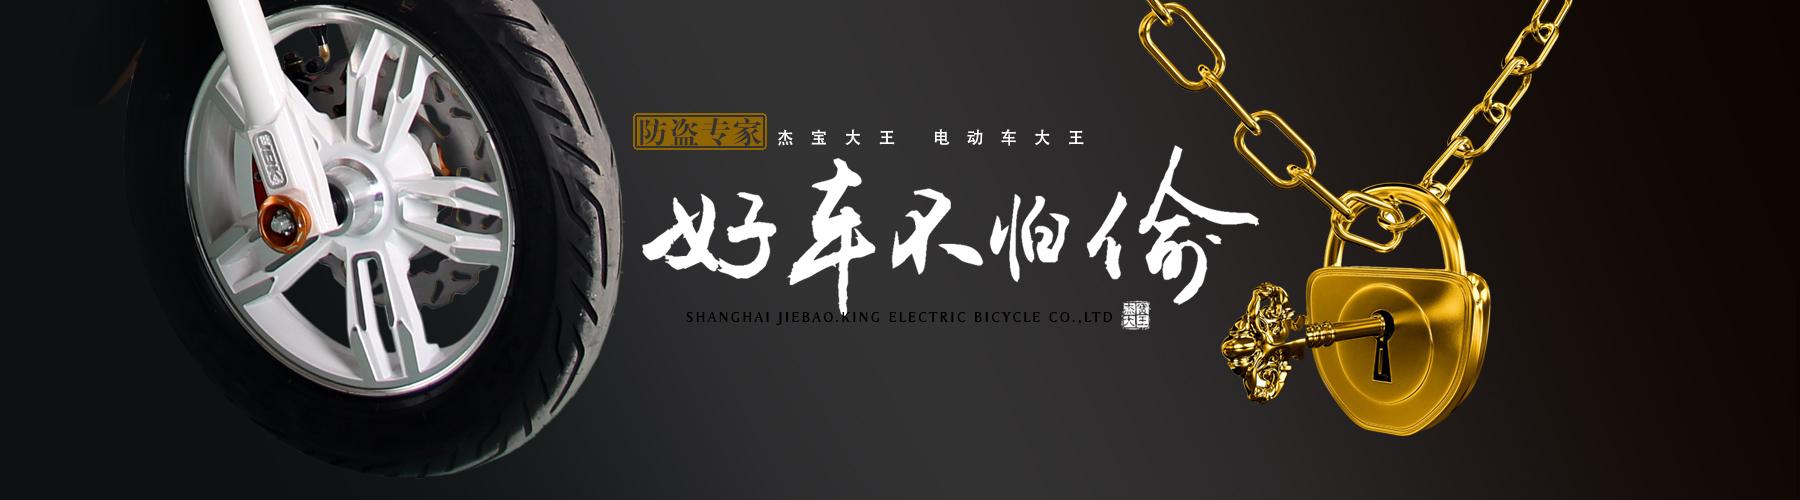 黄浦区杰宝大王电动车价格 欢迎来电「无锡杰宝大王电动车供应」